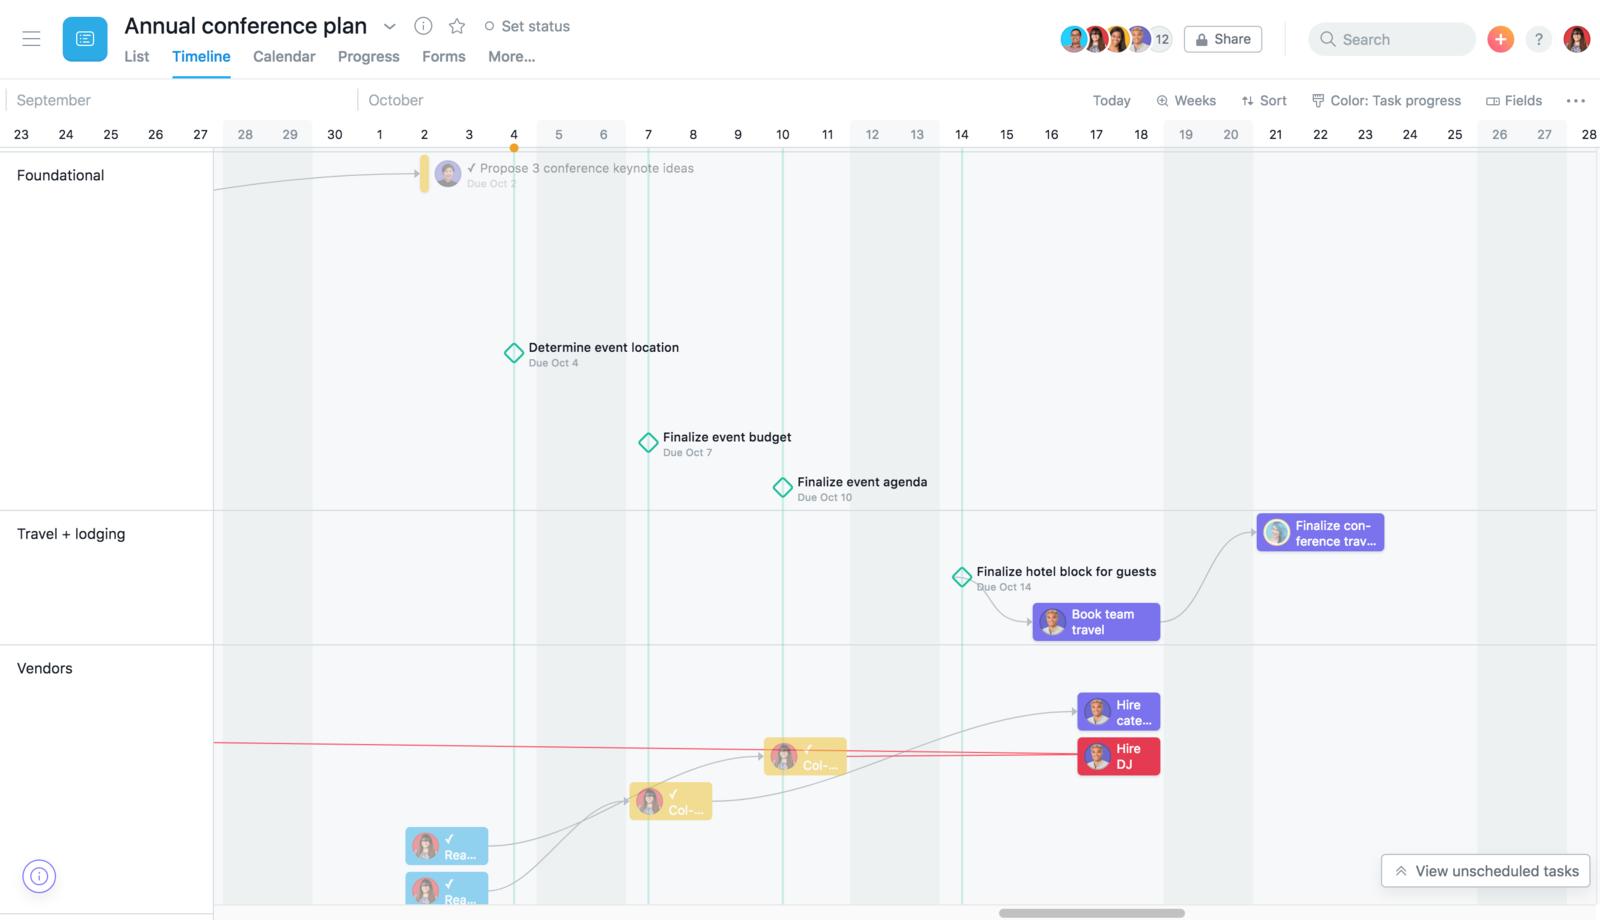 Asana のタイムラインはガントチャート式ビューに似ていますが、すべての仕事がつながっているため、それより使いやすいものになっています。タイムラインを期日のあるプロジェクトの計画および管理に利用します